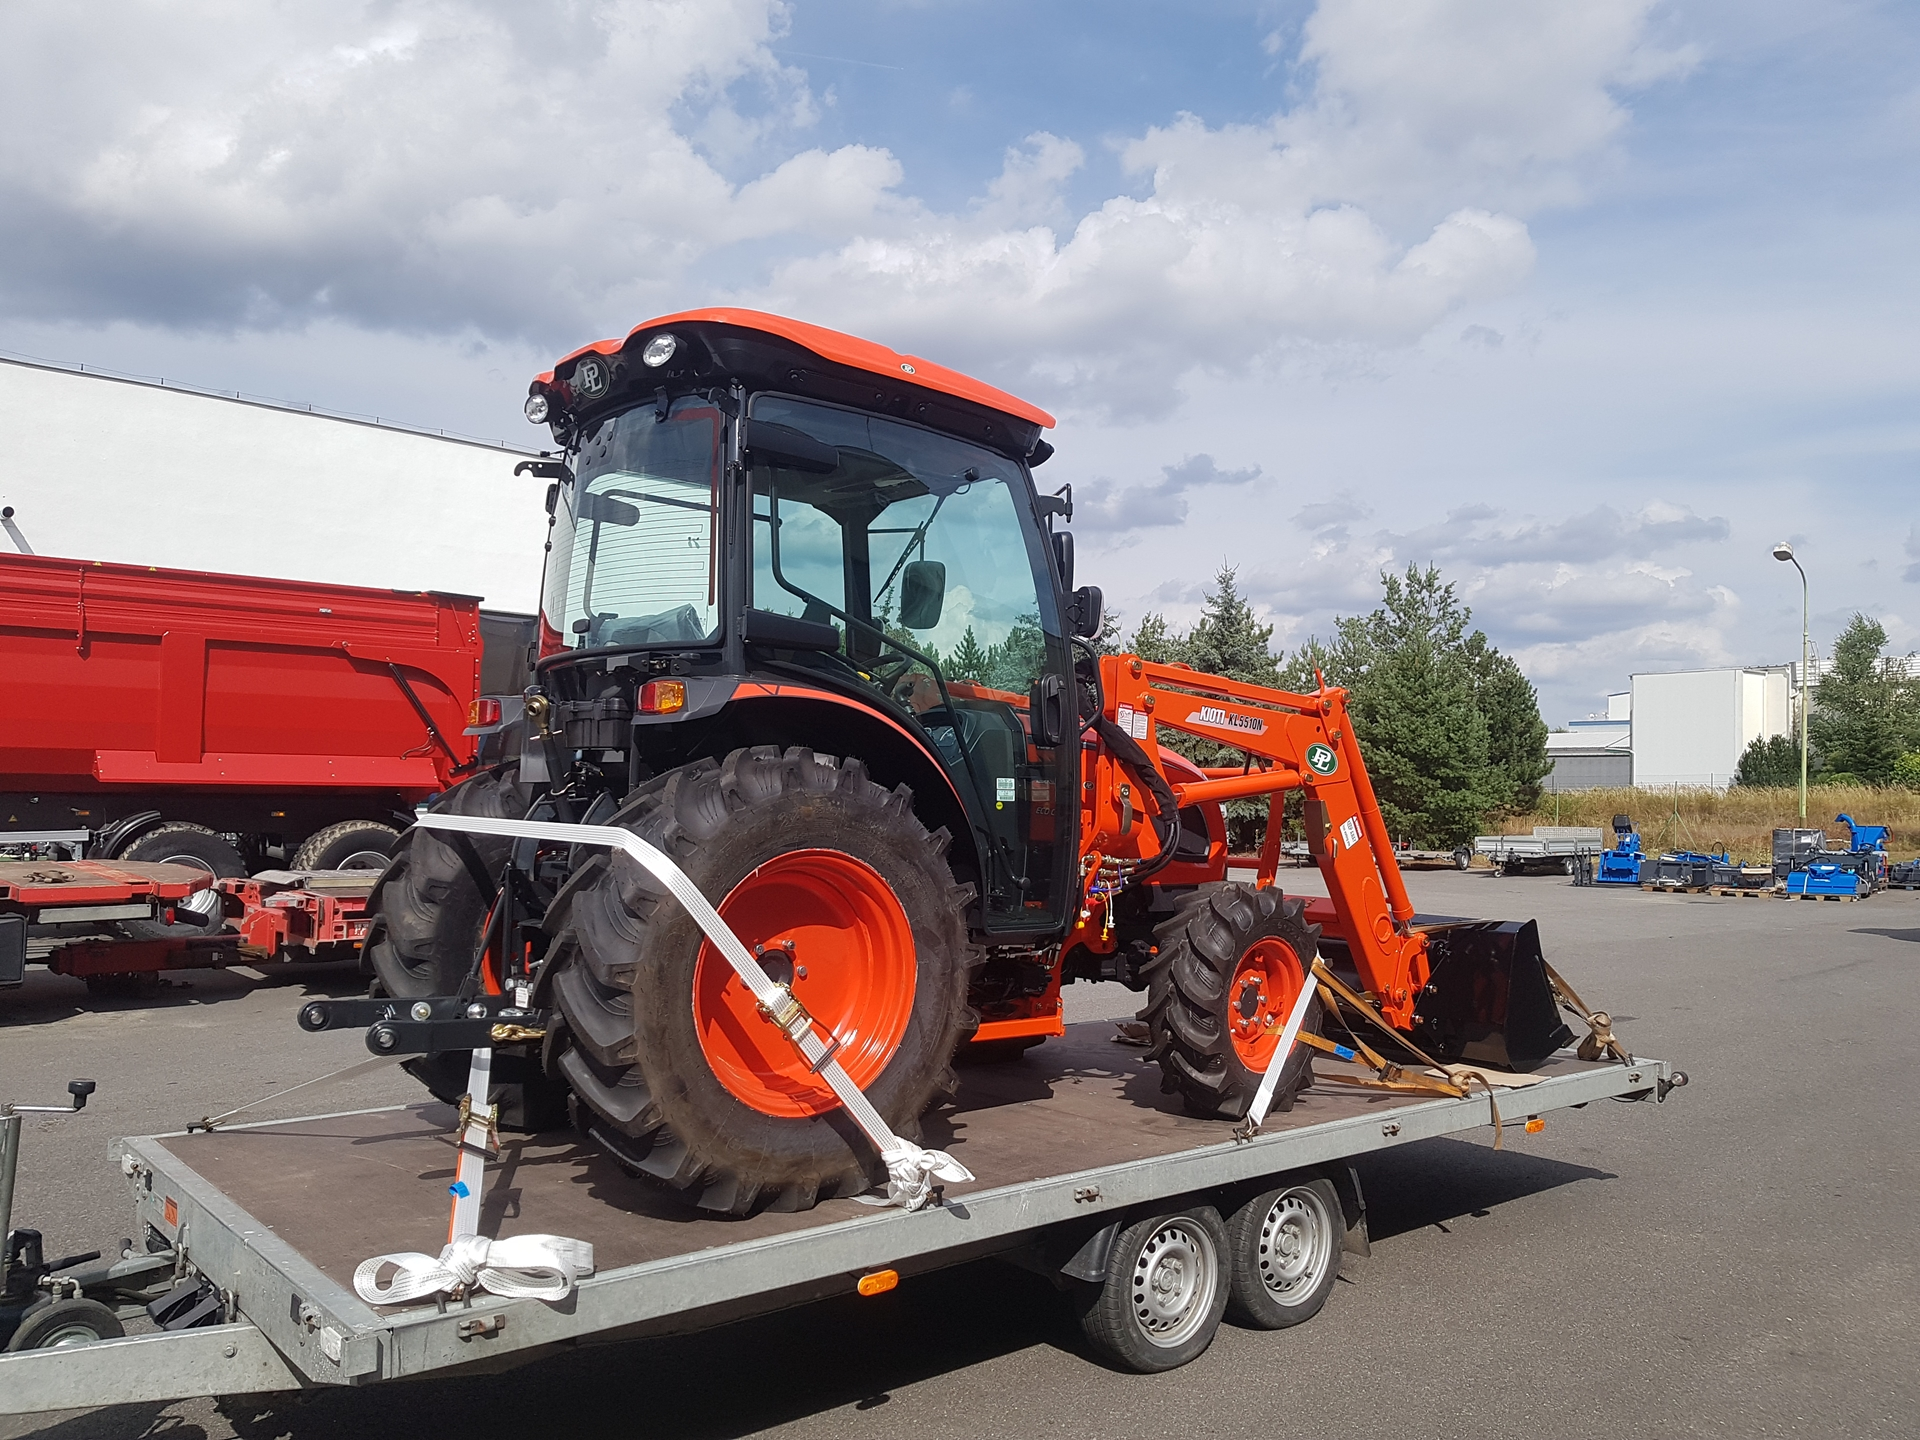 Traktor-Kioti-DK6010-s-celnim-nakladacem5.jpg